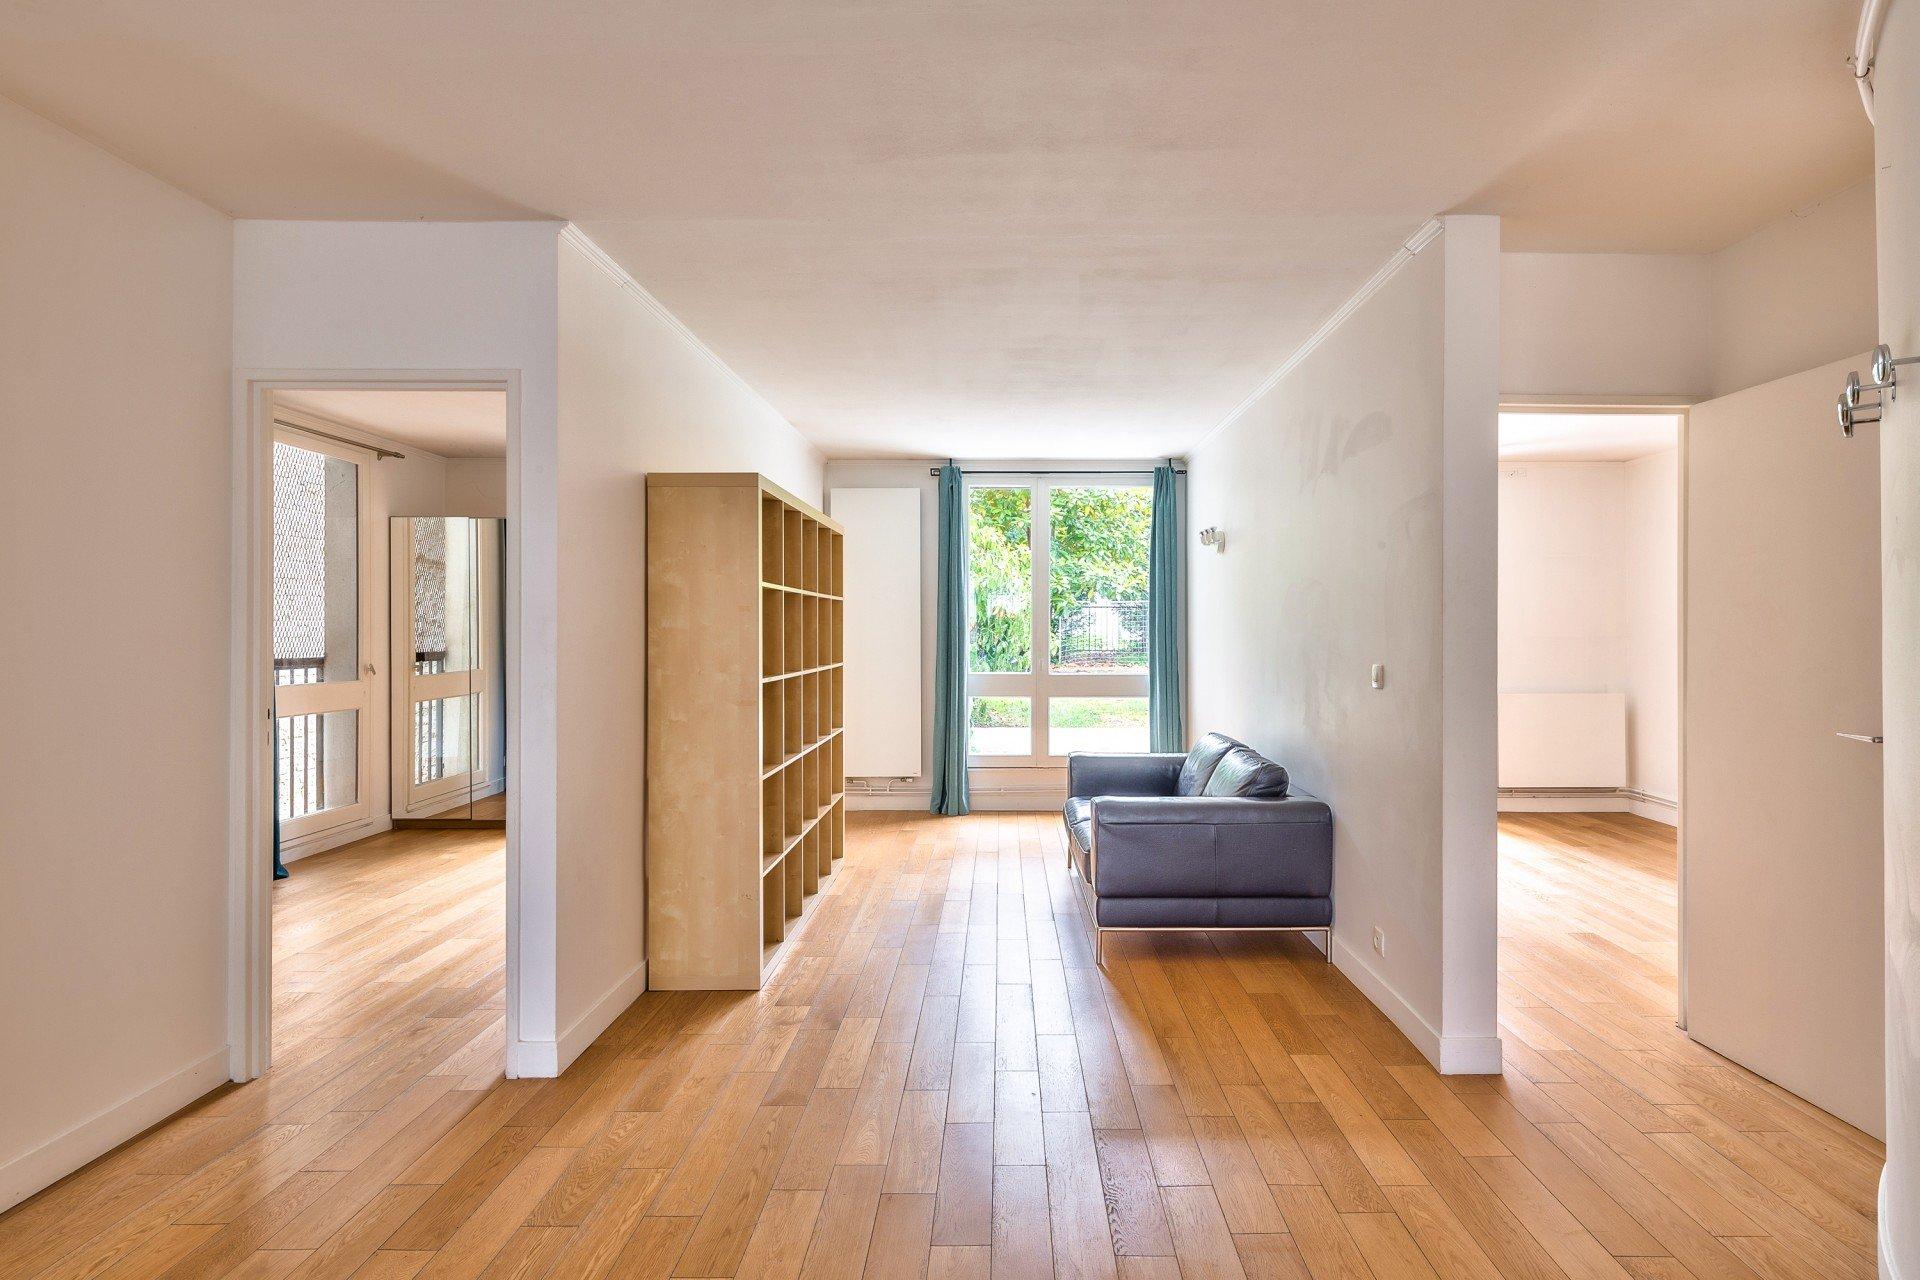 Sale Apartment - Paris 18th (Paris 18ème) Clignancourt